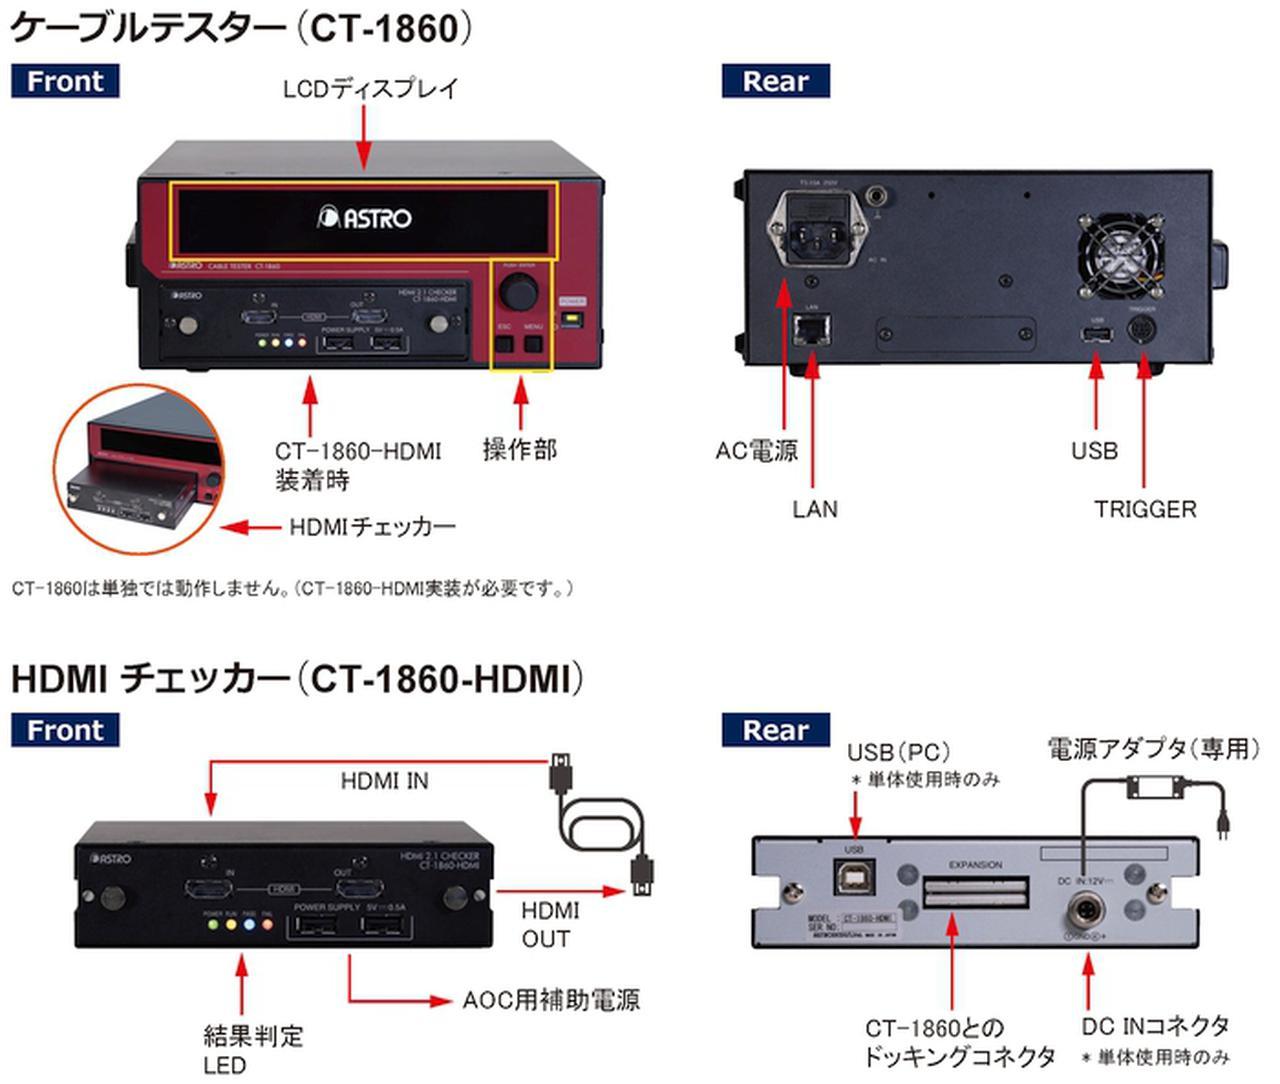 画像: CT-1860/CT-1860-HDMI HDMI 2.1 ケーブルテスター   アストロデザイン株式会社